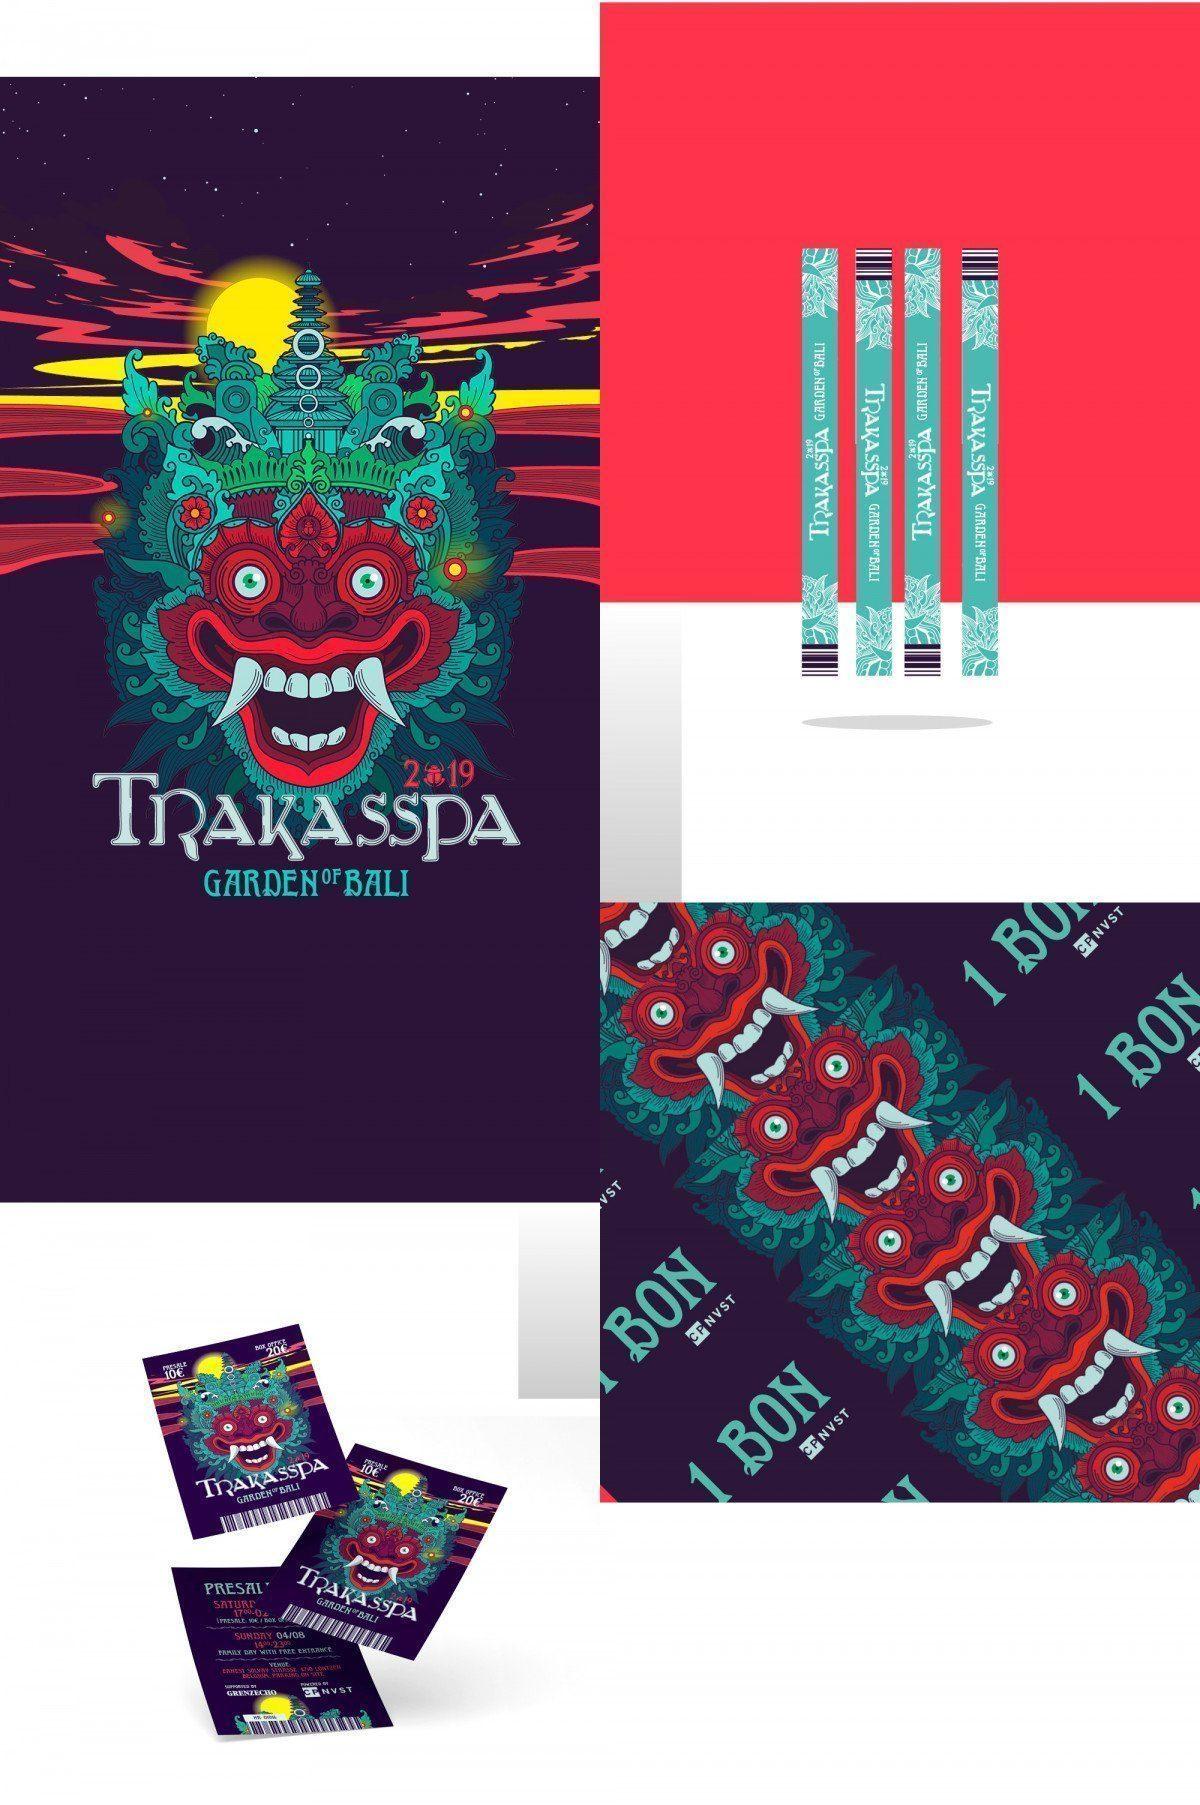 Trakasspa-Referenz-3